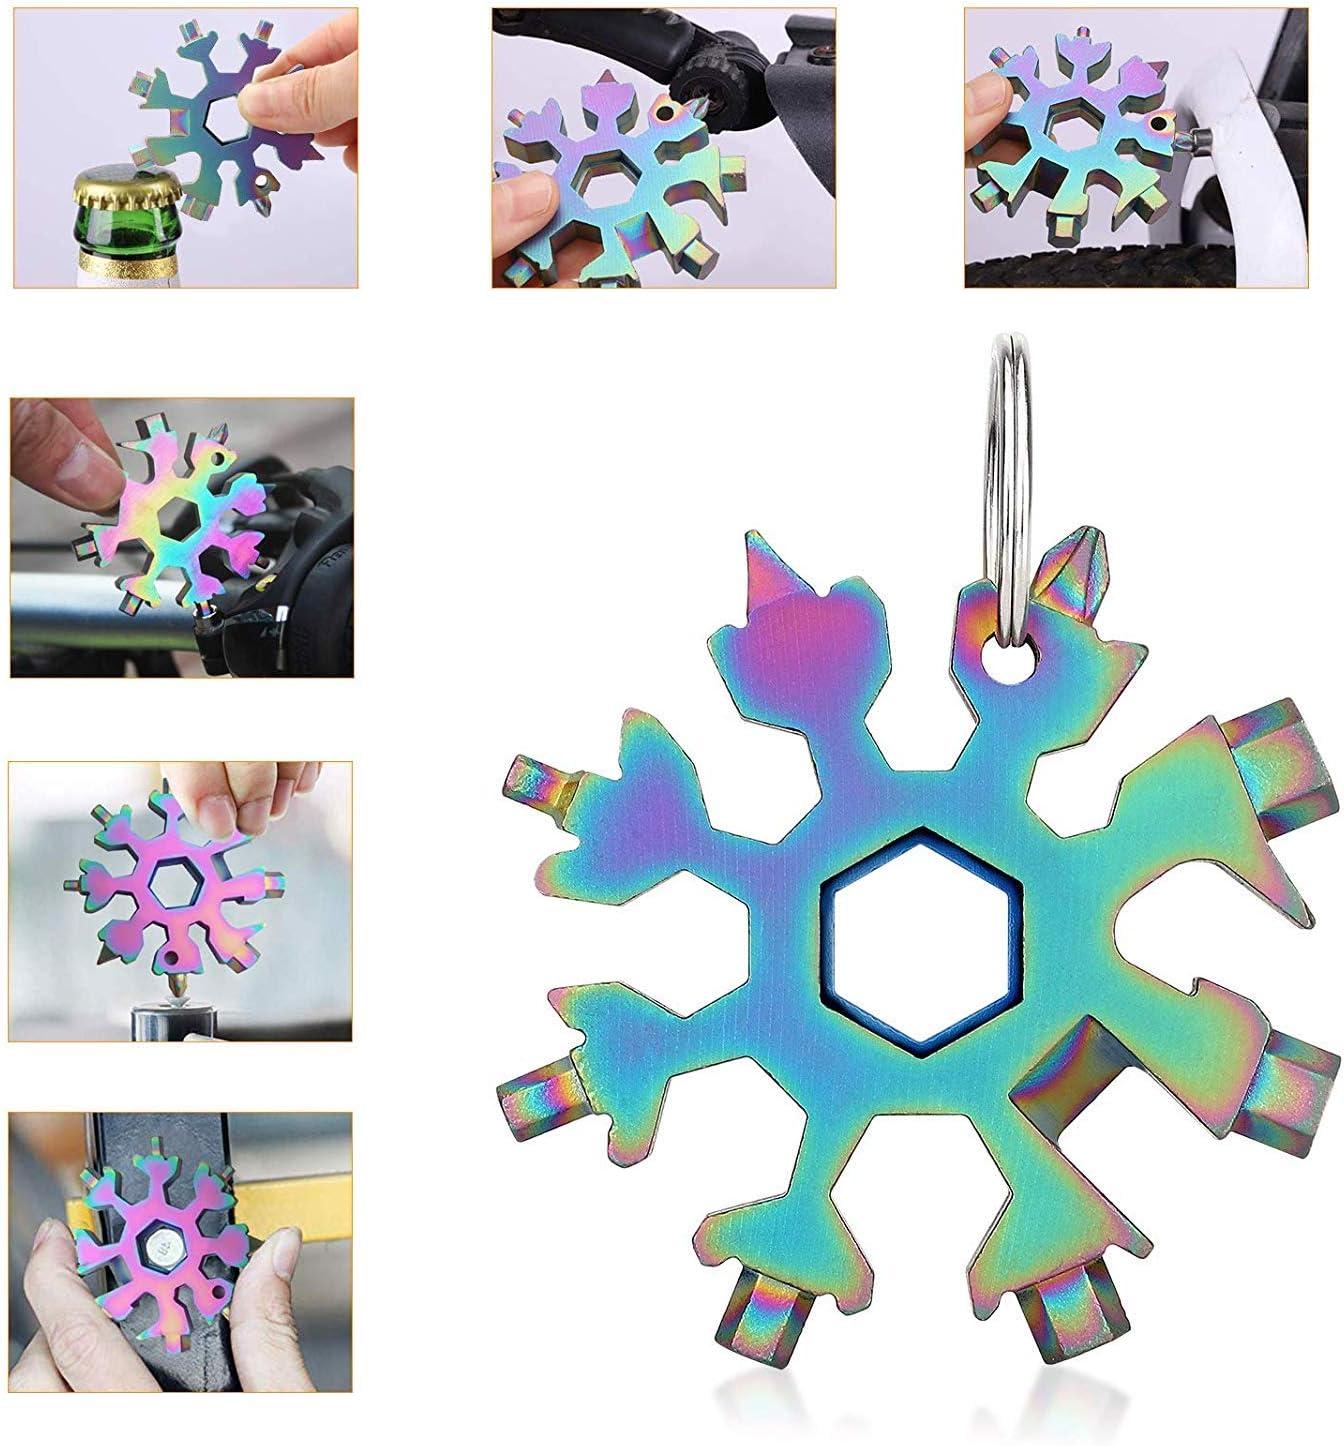 YAASO Biegsame Welle Flexible Wellenverl/ängerung Winkelbohrer Adapter Snowflake Multi Tool Schraubendreher Bits Zubeh/ör Universal Set Farbe Schwarz